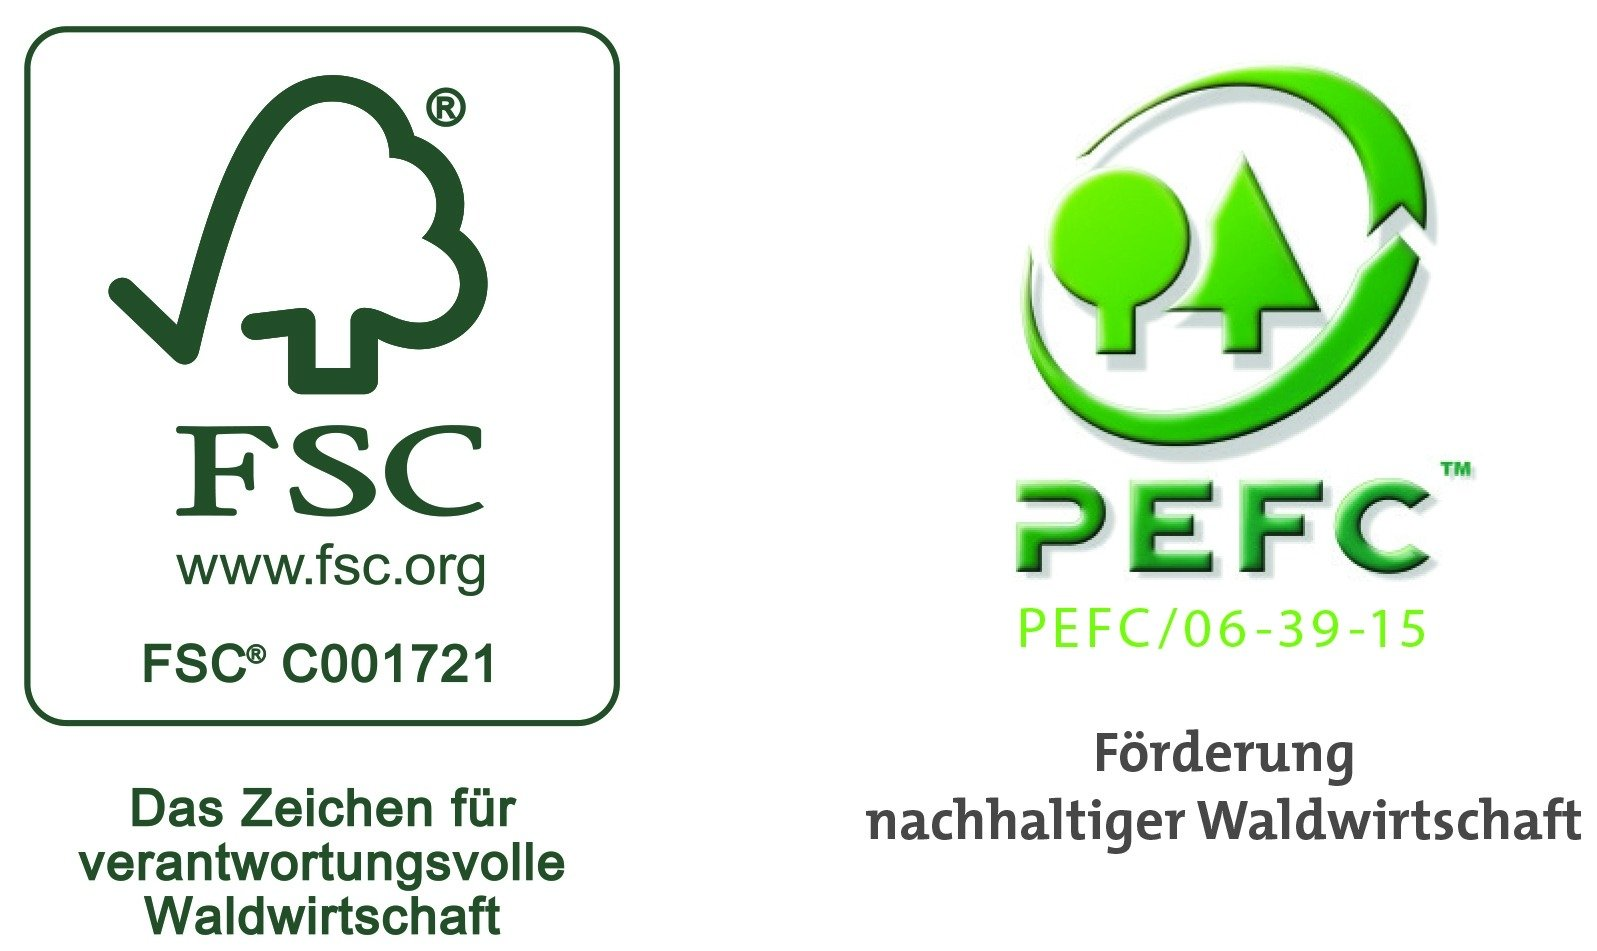 Jentzsch ist die 1. Druckerei, die von einer österreichischen Zertifizierungsstelle gleichzeitig mit den Zertifikaten FSC und PEFC ausgezeichnet wurde.